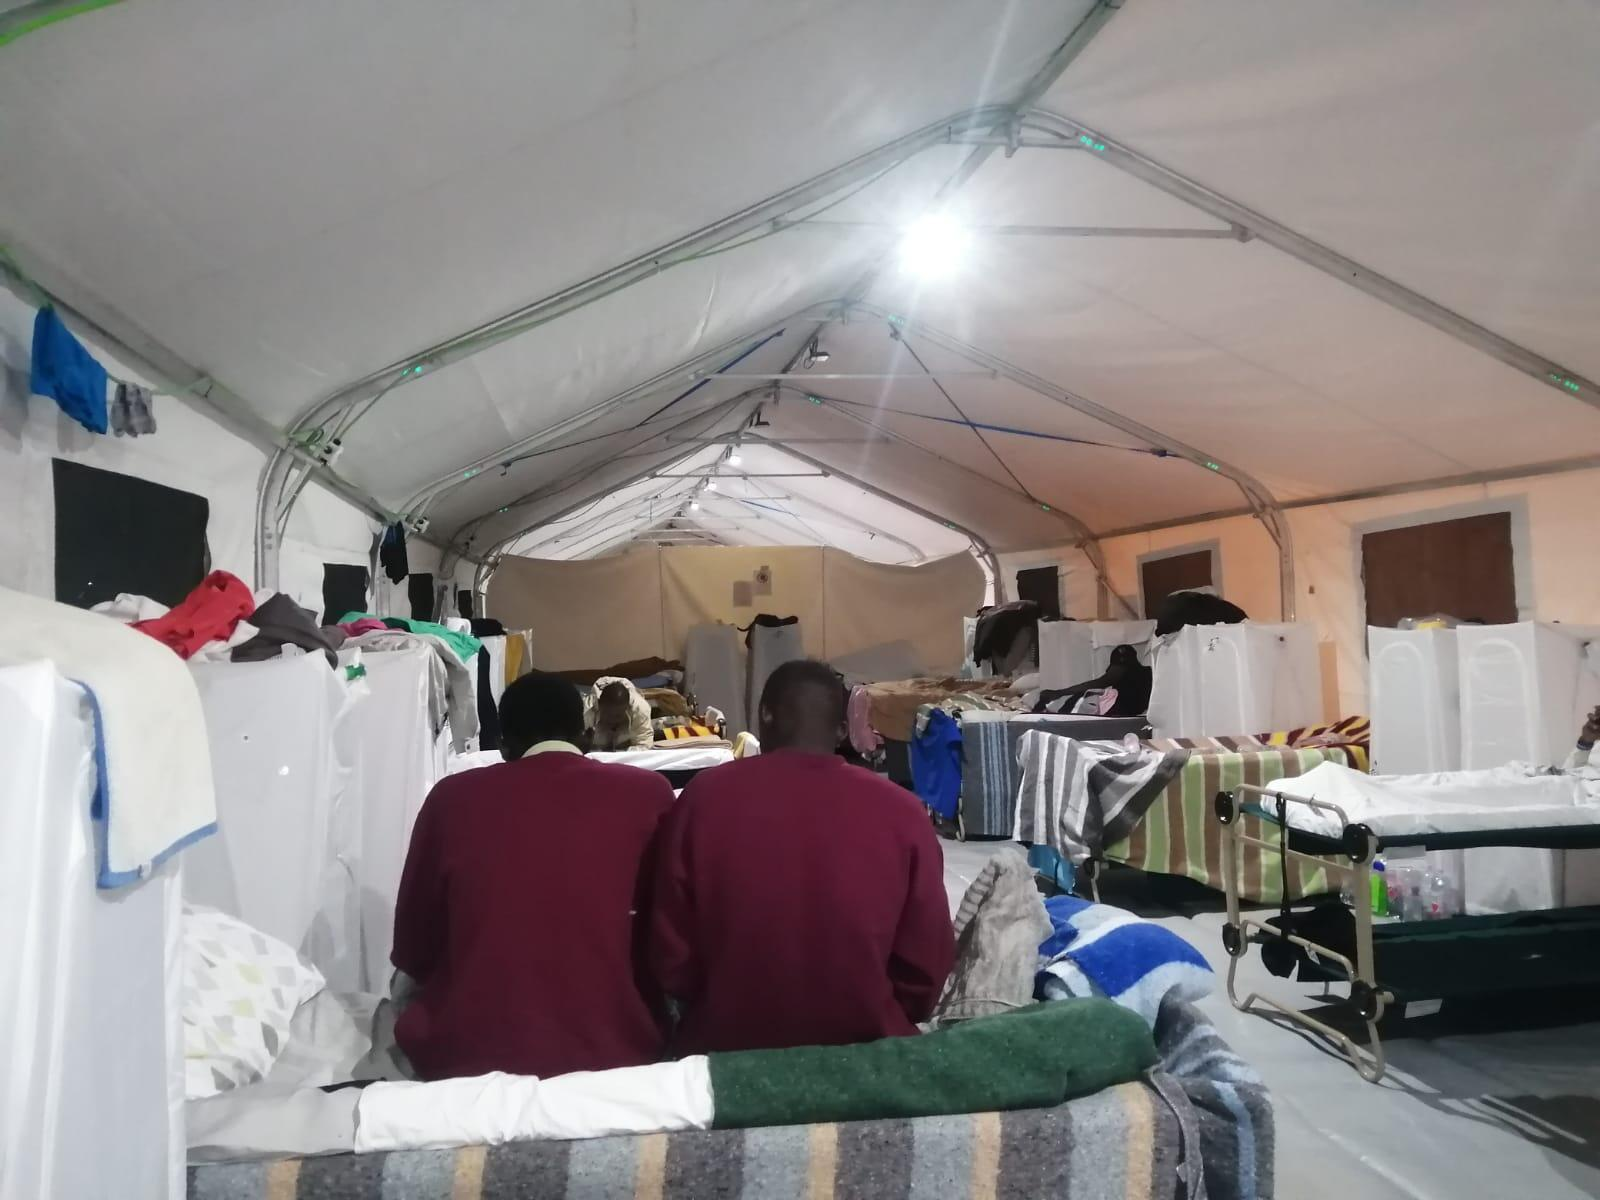 Photo prise dans le campement d'El Matorral. Envoyée à la rédaction des Observateurs de France 24 en avril. Crédit : DR